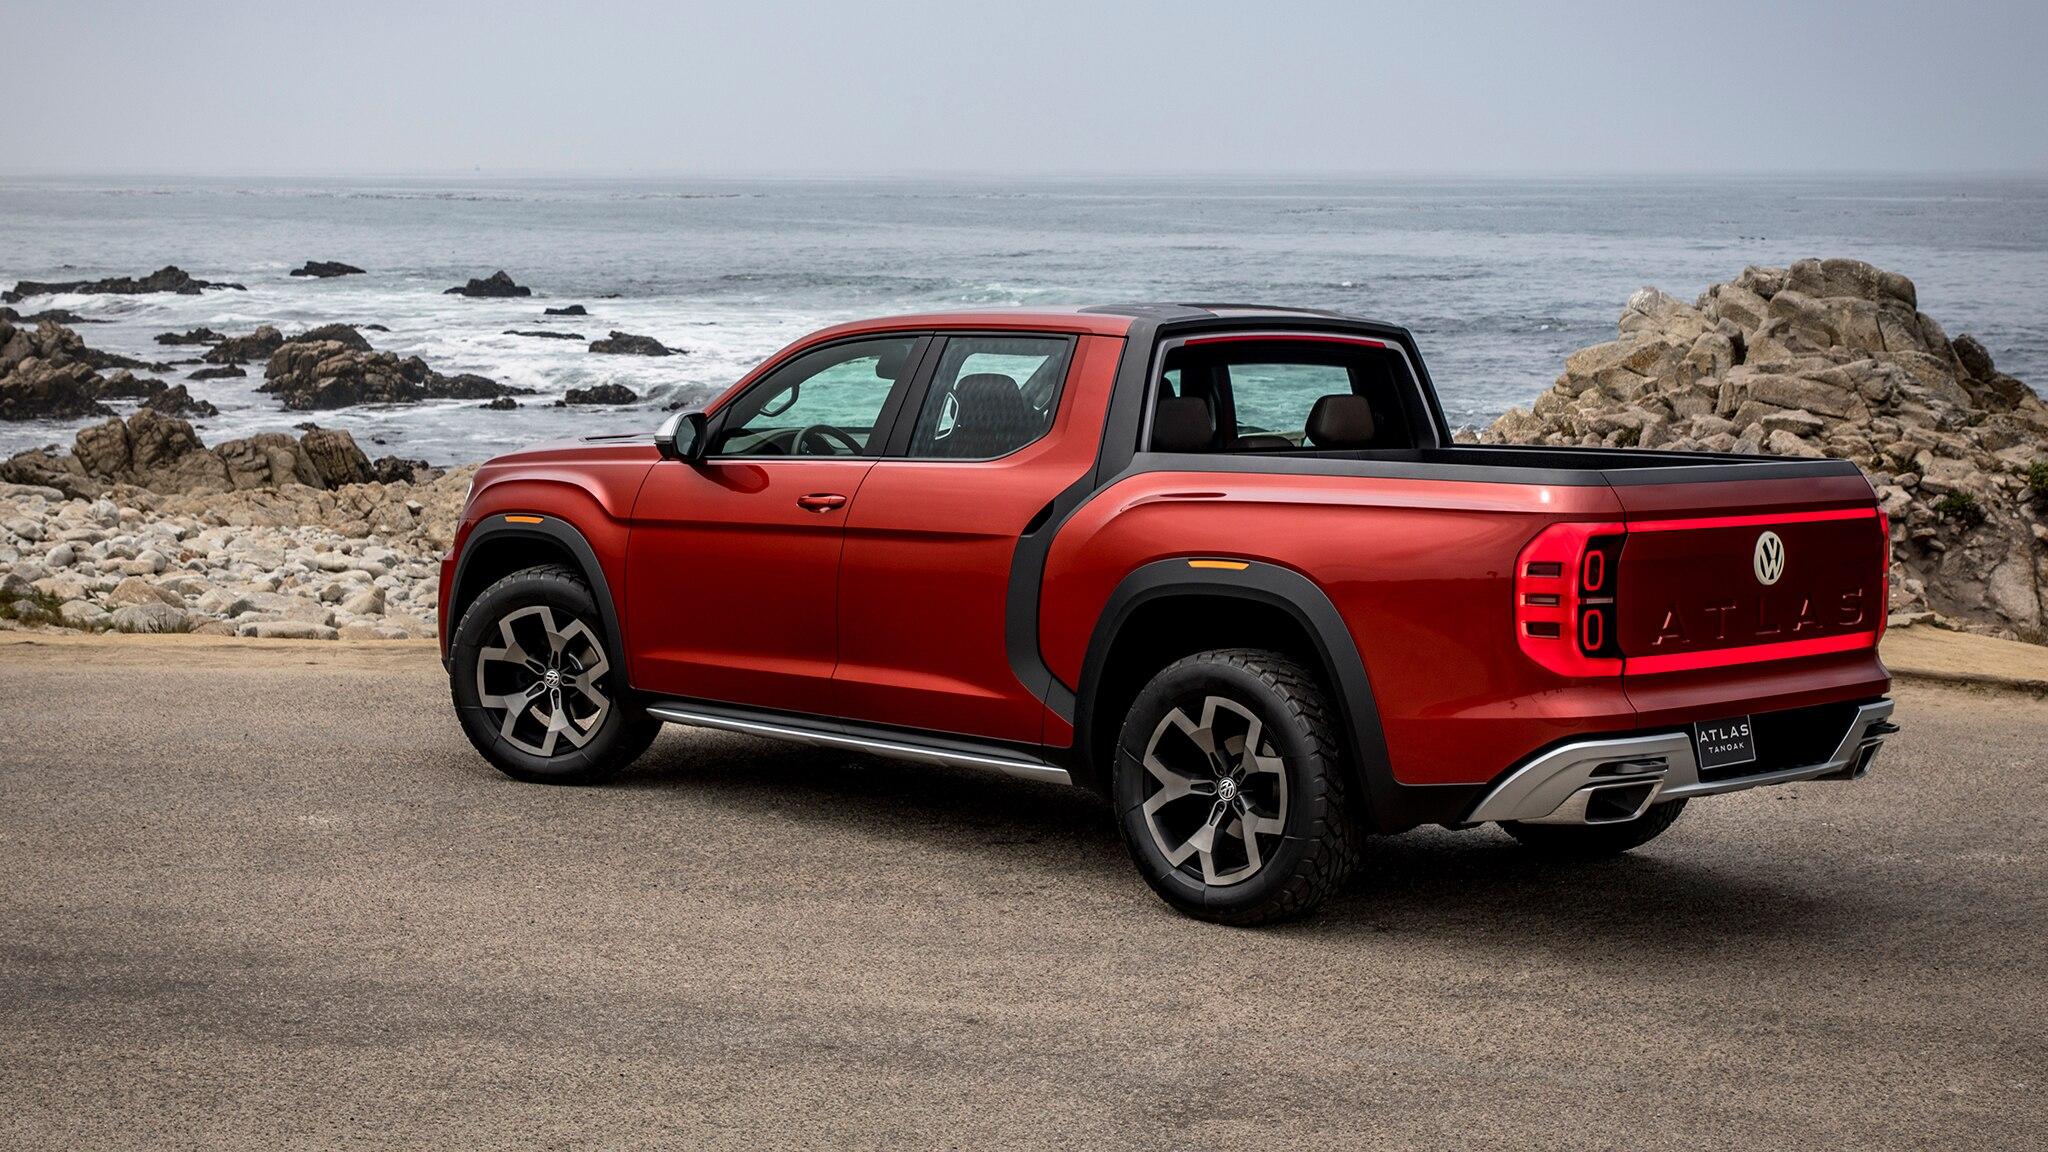 ¿Habrá una camioneta Volkswagen en Estados Unidos? - Motor ...